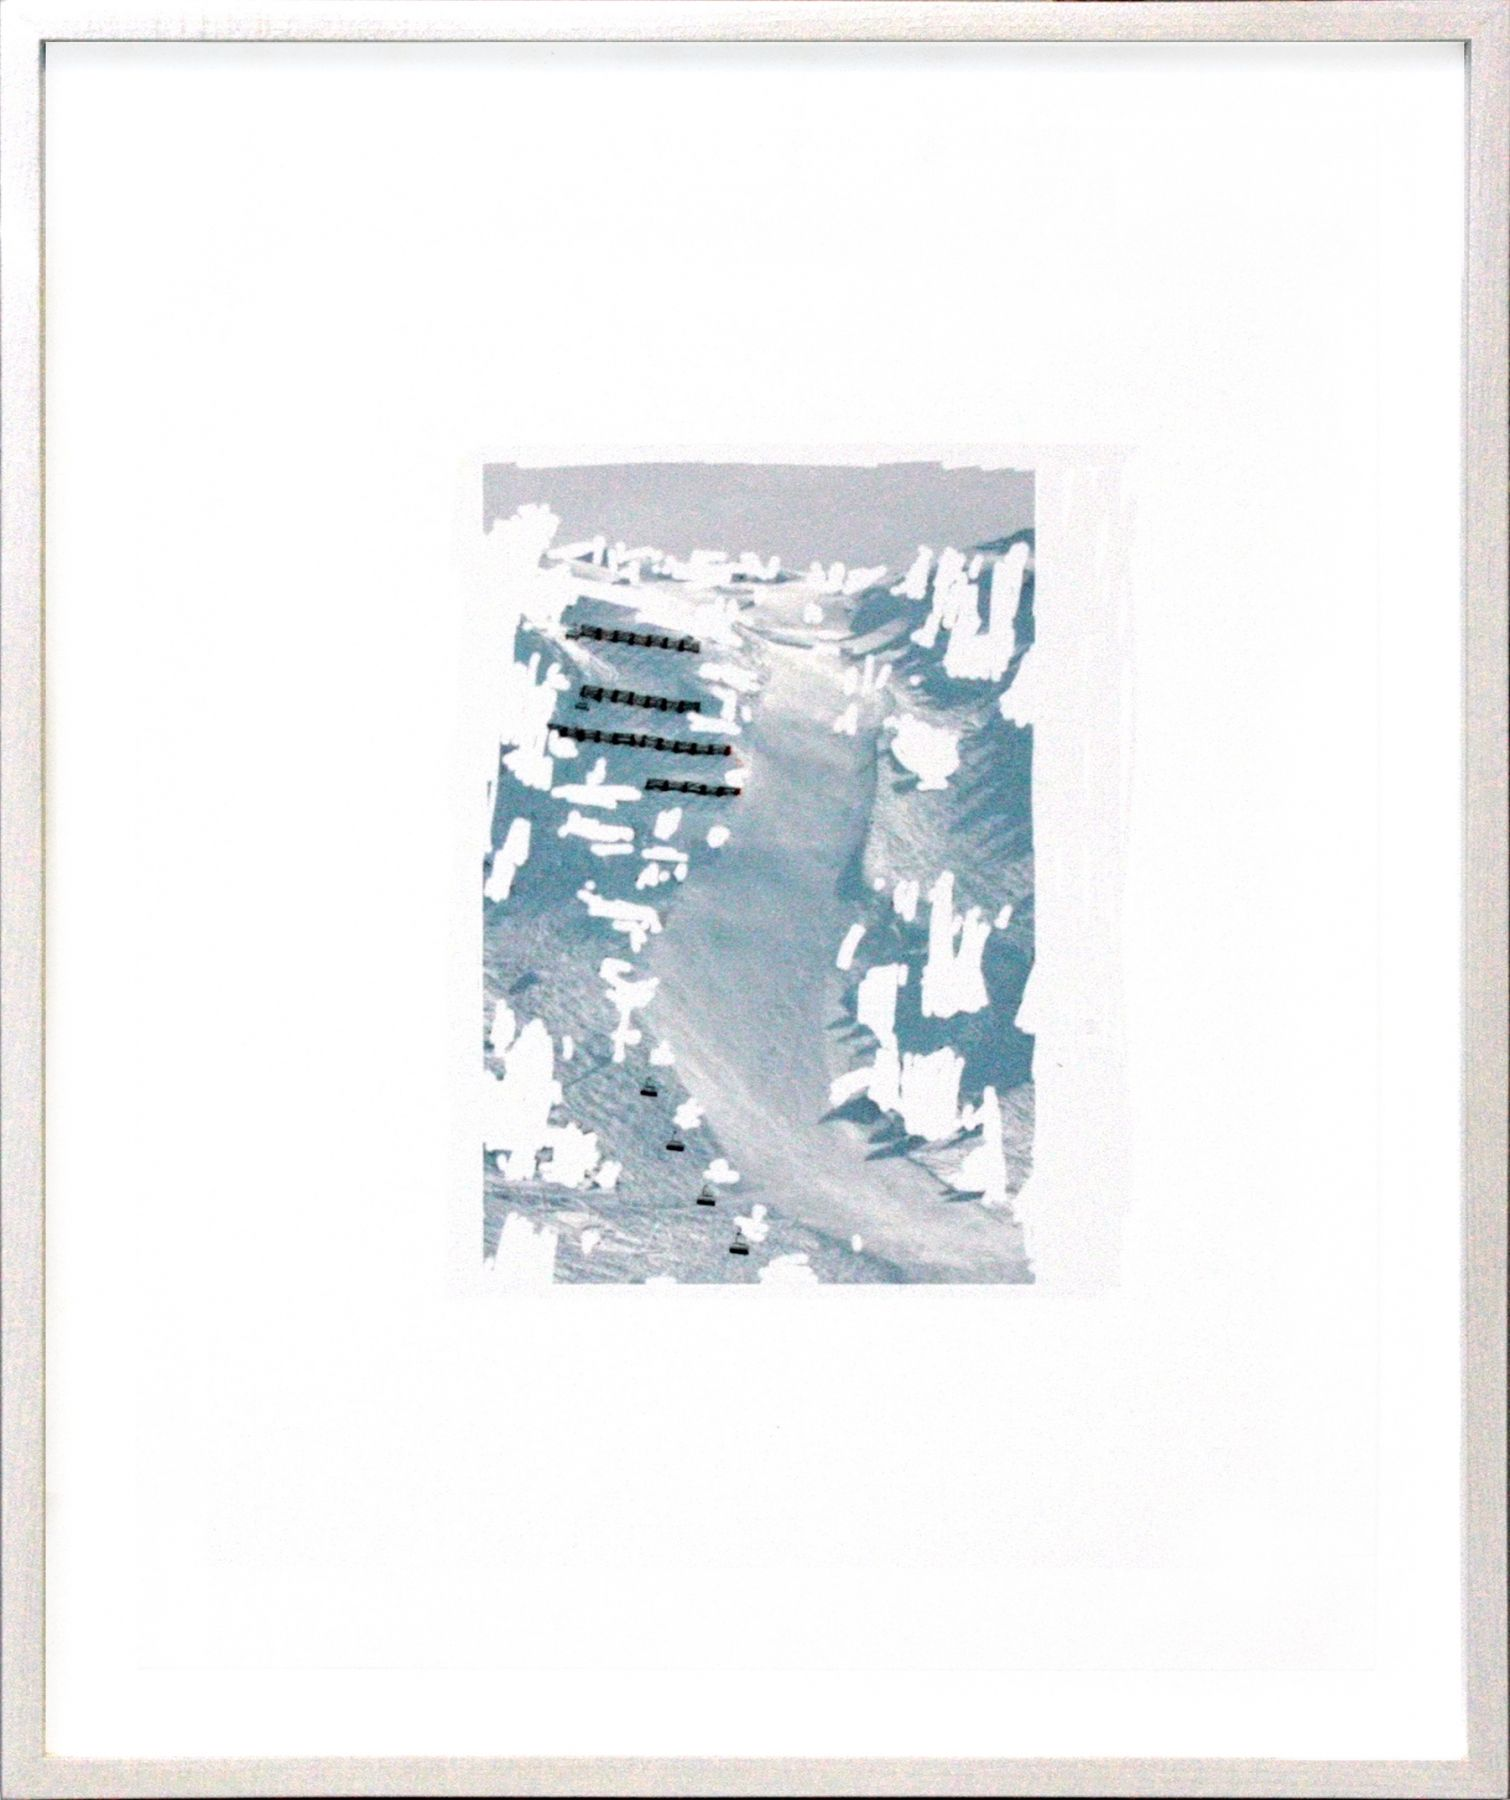 Weiß auf Schnee, 2013